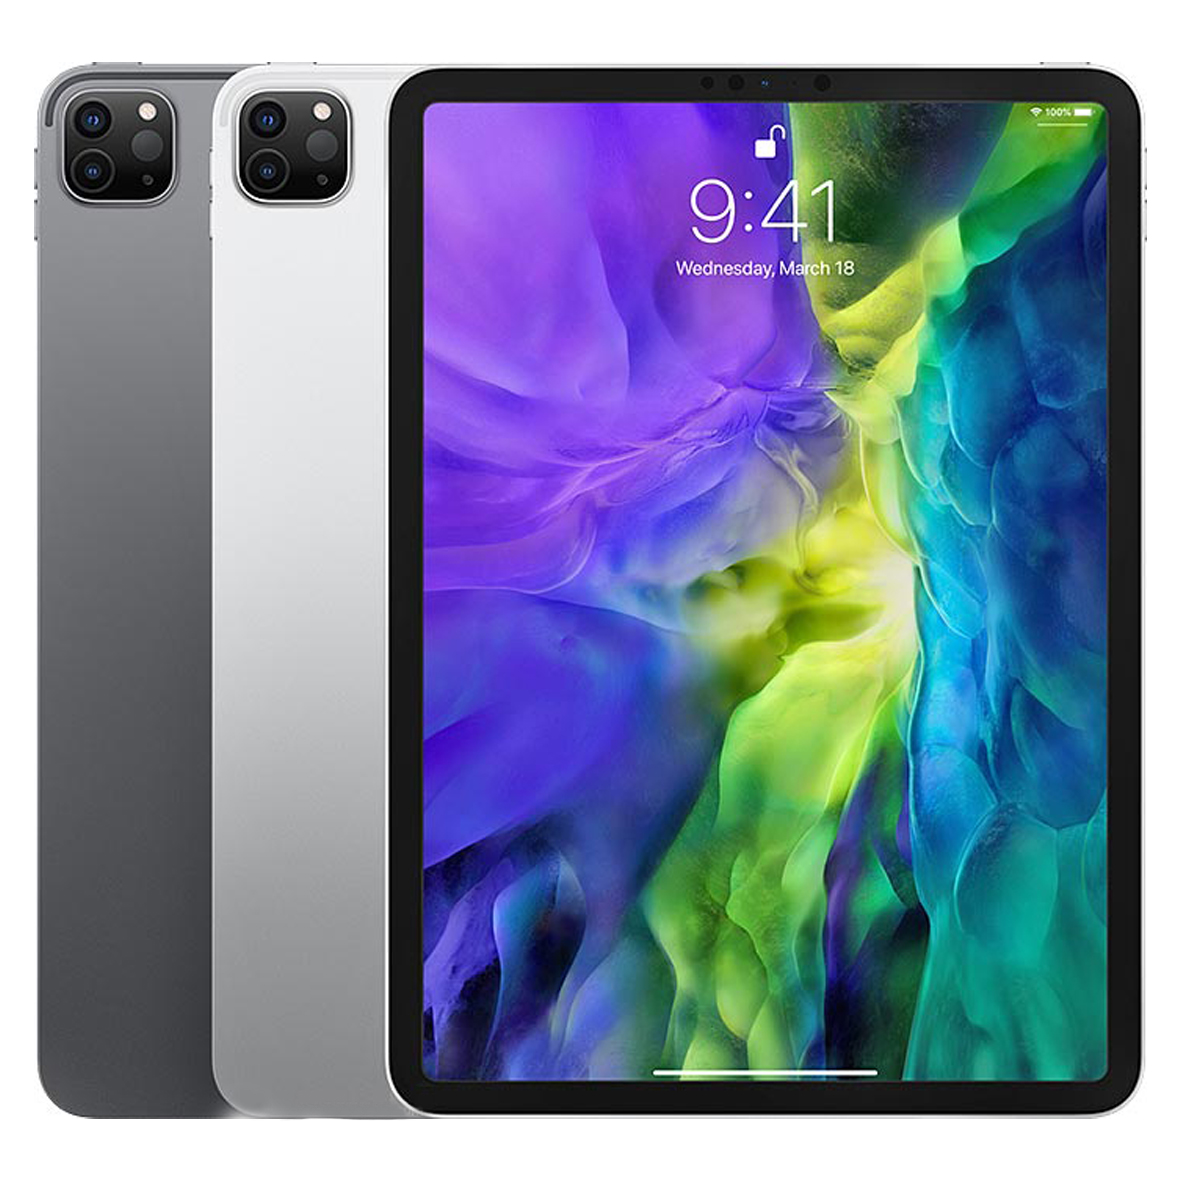 تصویر تبلت اپل مدل آیپد پرو 12.9 اینچ 2020 Cellular ظرفیت 128 گیگابایت Apple iPad Pro 12.9 inch 2020 Cellular 128GB Tablet